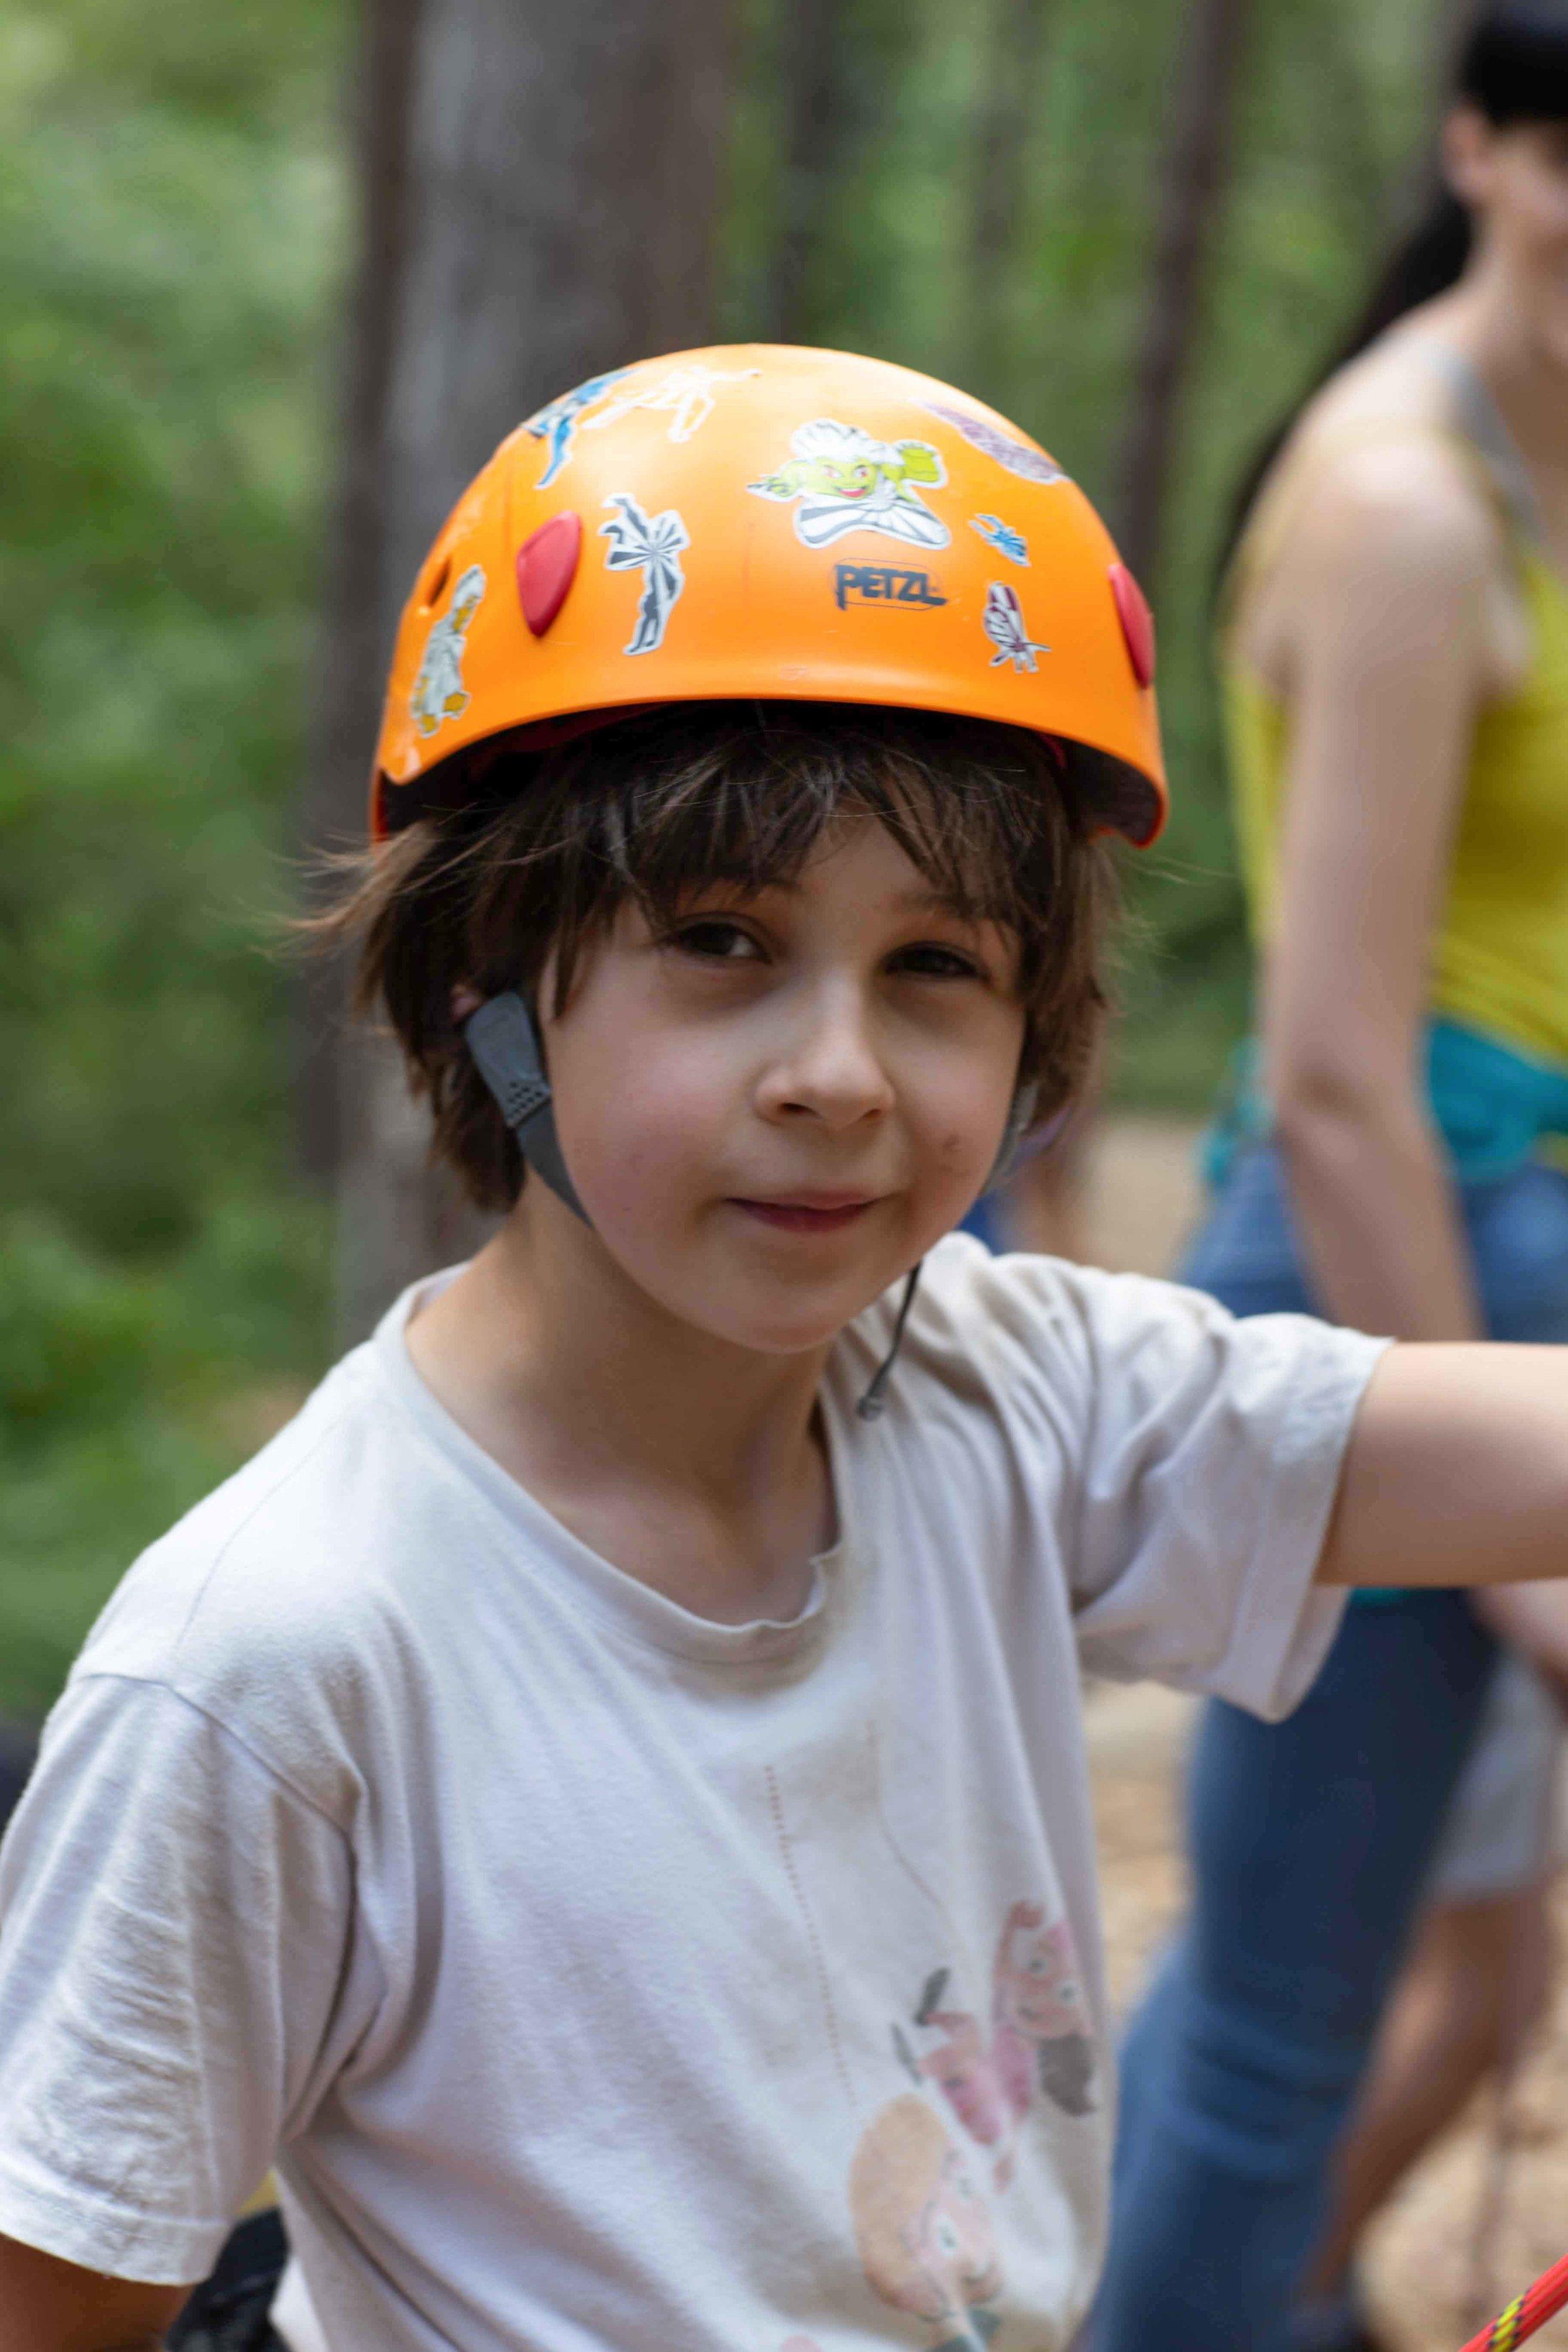 Zaključni plezalni izlet za otroke Grif_89.jpg